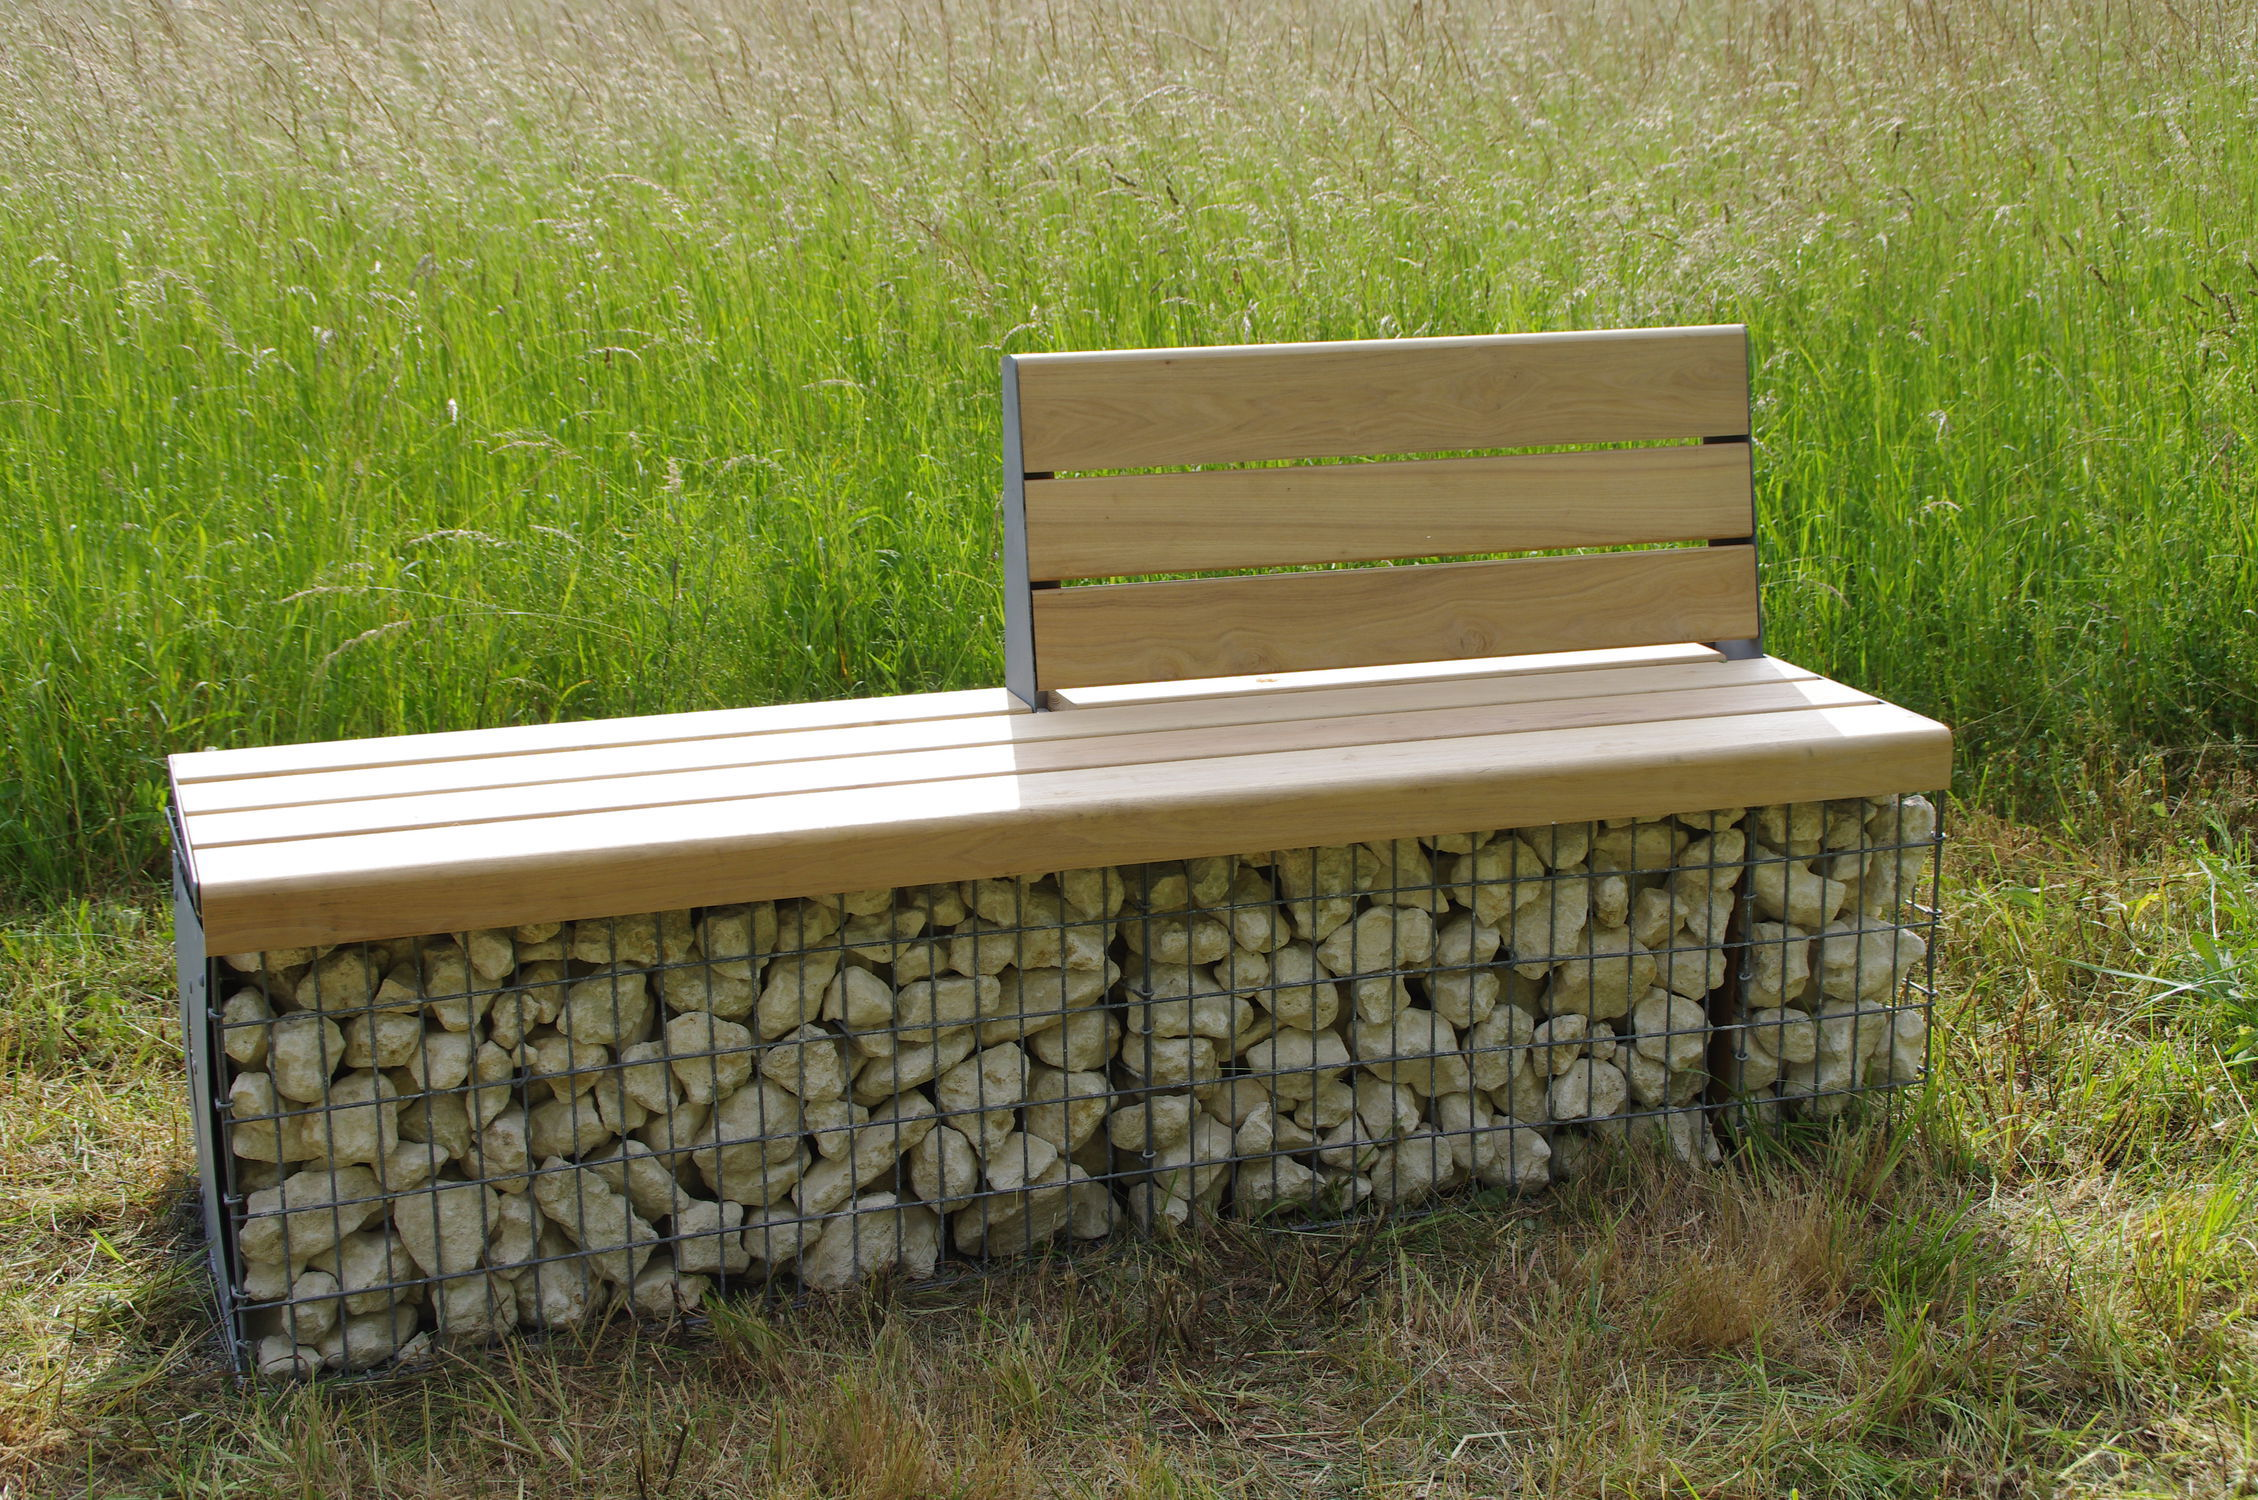 Banc public / de jardin / contemporain / en bois massif - MOBILIER ...